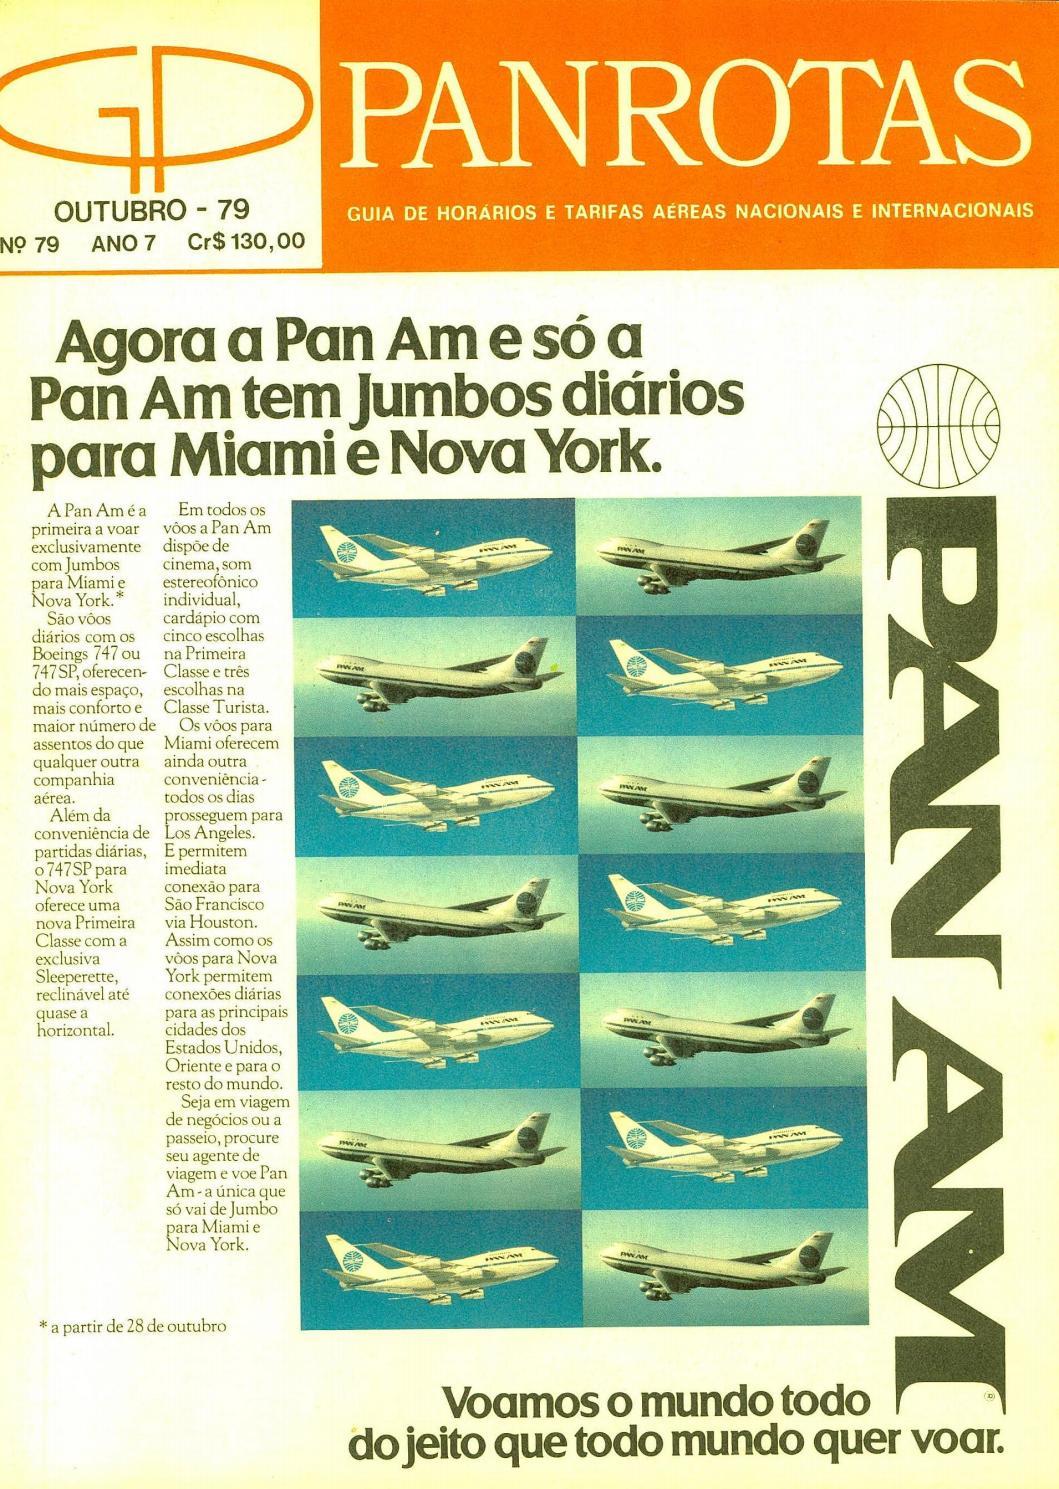 3038b9783 Guia PANROTAS - Edição 79 - Outubro 1979 by PANROTAS Editora - issuu